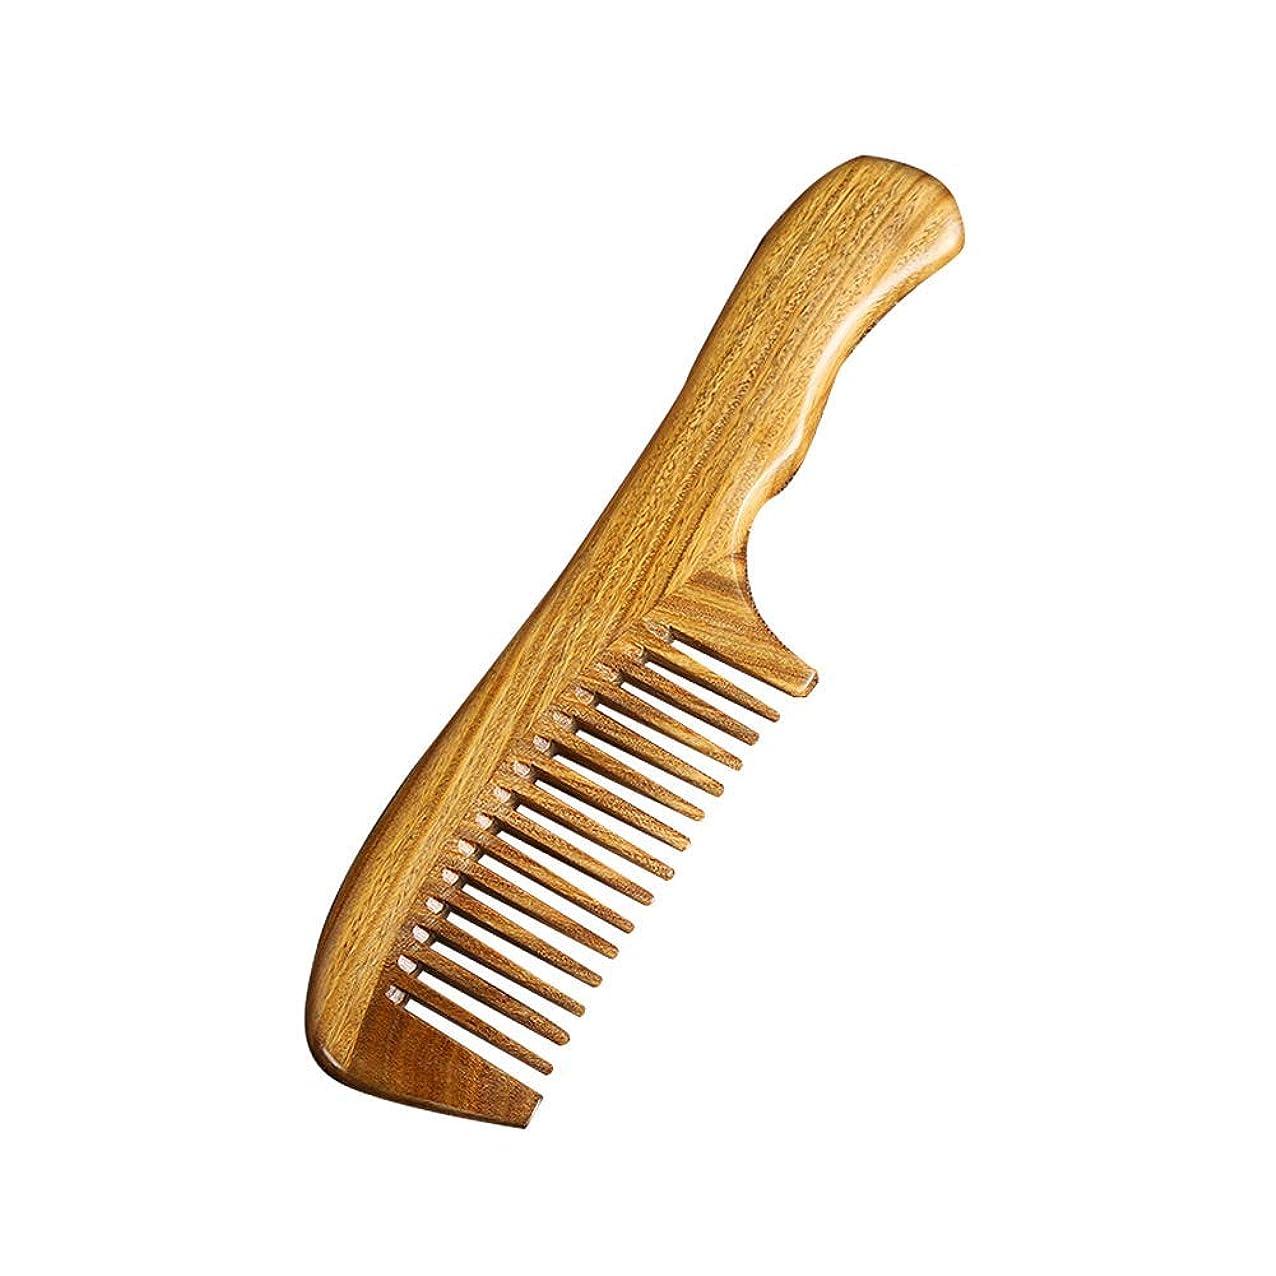 起訴するカナダ樹皮Chinashow 手作り 100%ナチュラルグリーンサンダルウッドワイド歯くし、レディース、男性と子供 静的な天然木製サンダルウッド くし